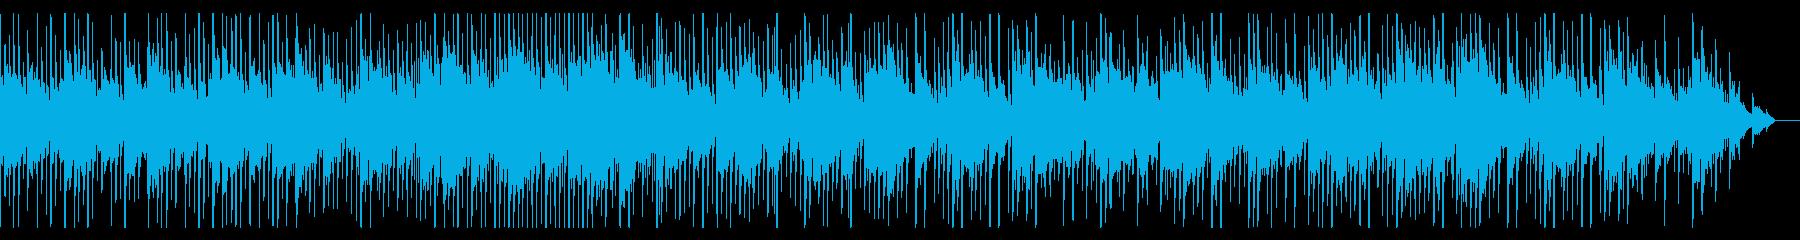 独特なシネマティックギターアンビエントの再生済みの波形